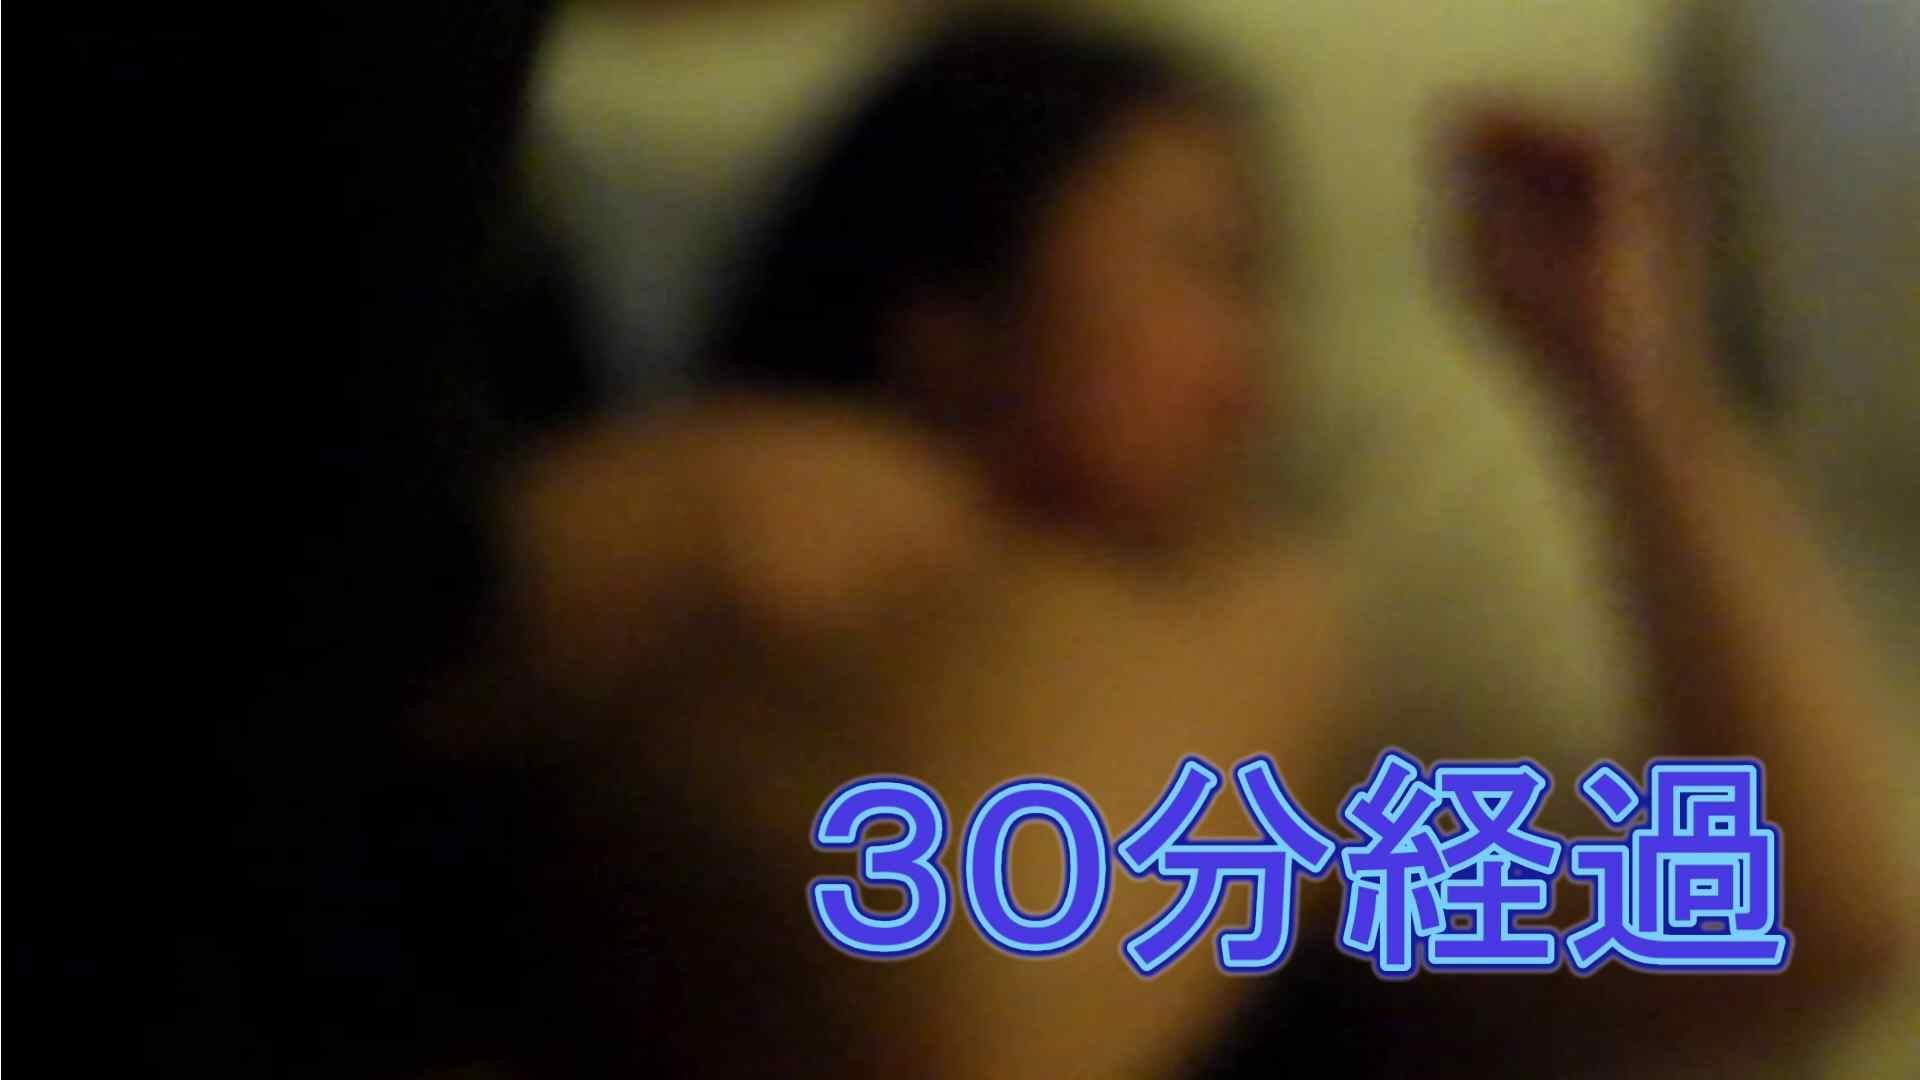 ヒトニアラヅNo.02 姿と全体の流れを公開 オマンコ無修正  47Pix 29